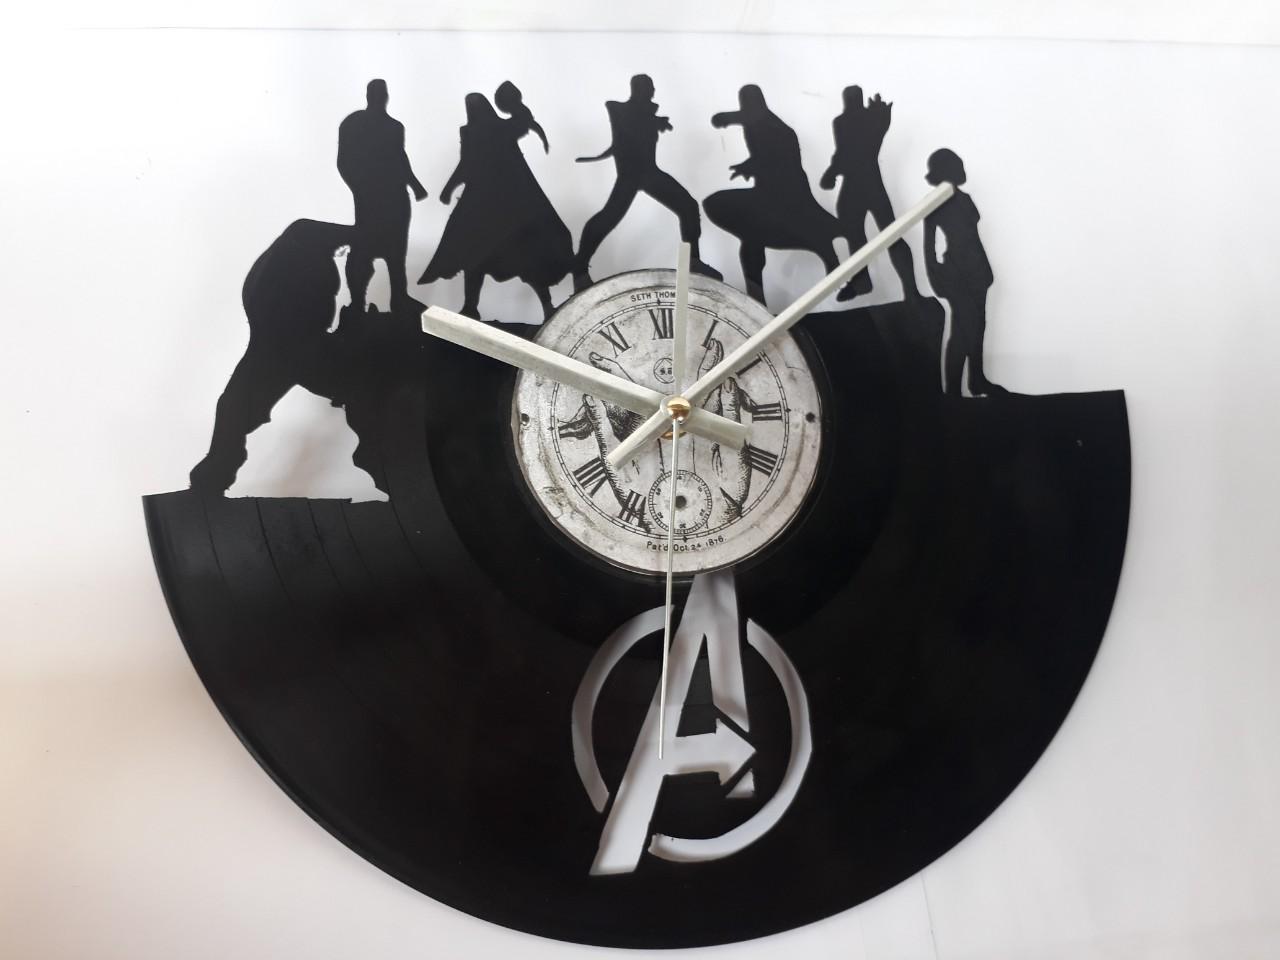 Đồng hồ bằng đĩa than cổ hình biệt đội siêu anh hùng Avenger , Tặng pin đồng hồ , kiều dáng độc, lạ dùng trang trí nhà cửa hoặc làm quà tặng